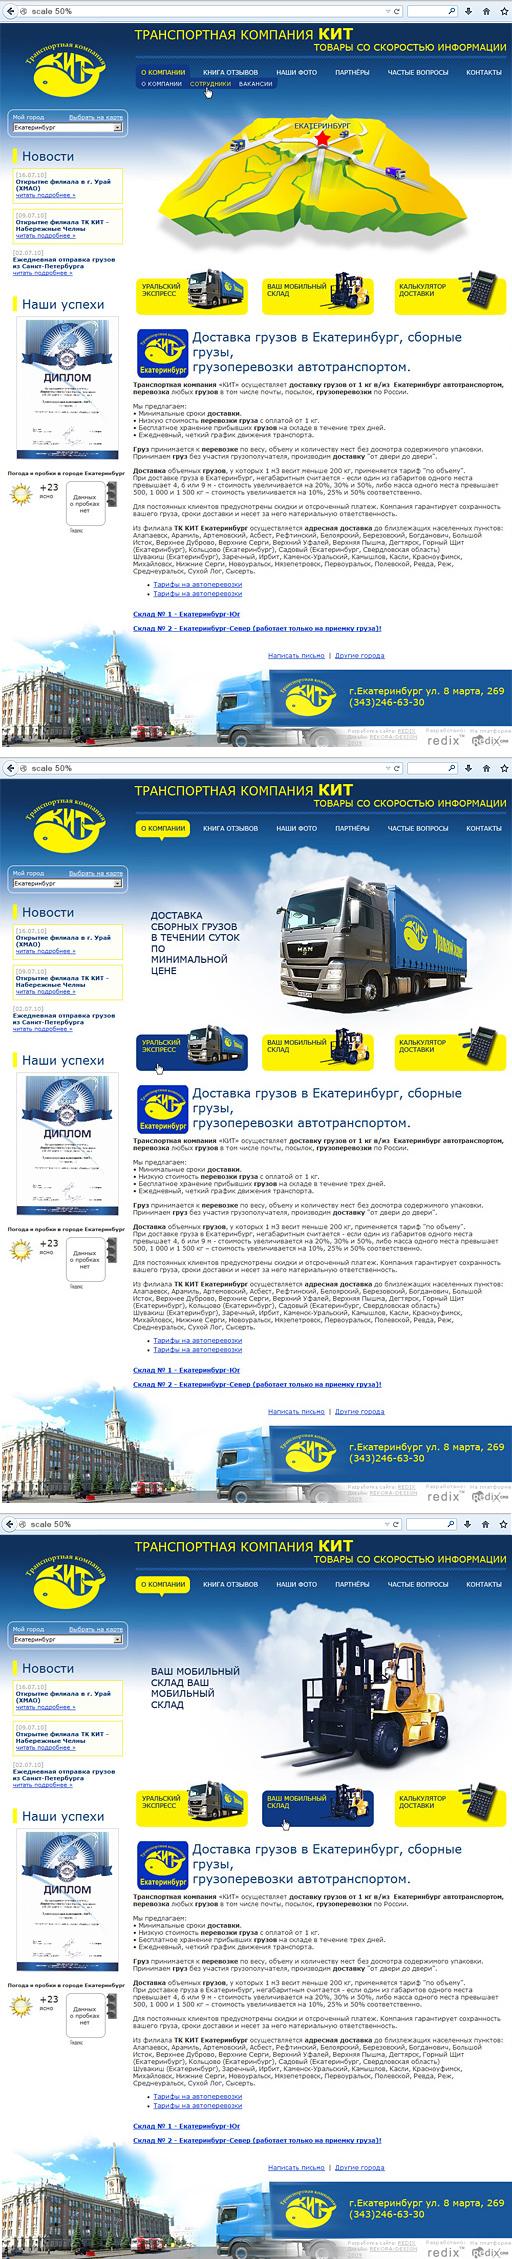 2009 - «Кит» - транспортная компания